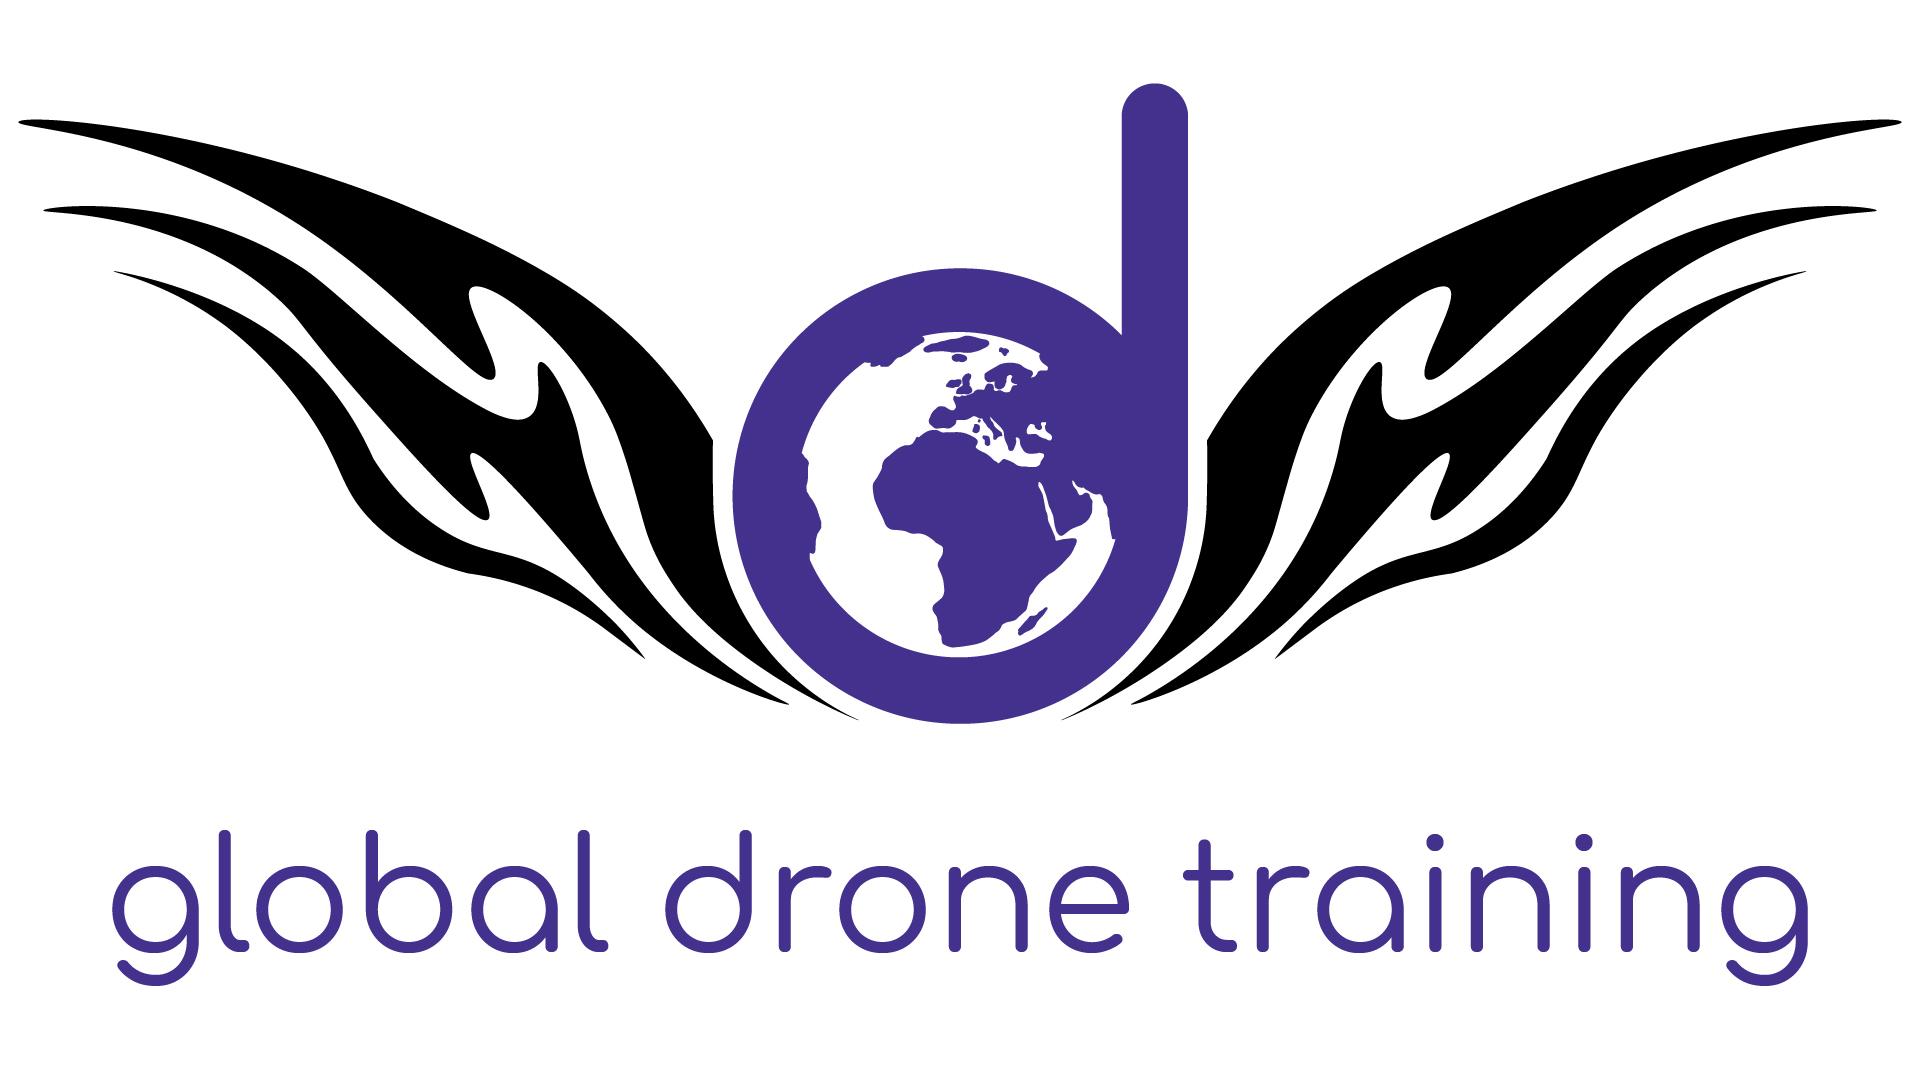 dronetraining.co.uk